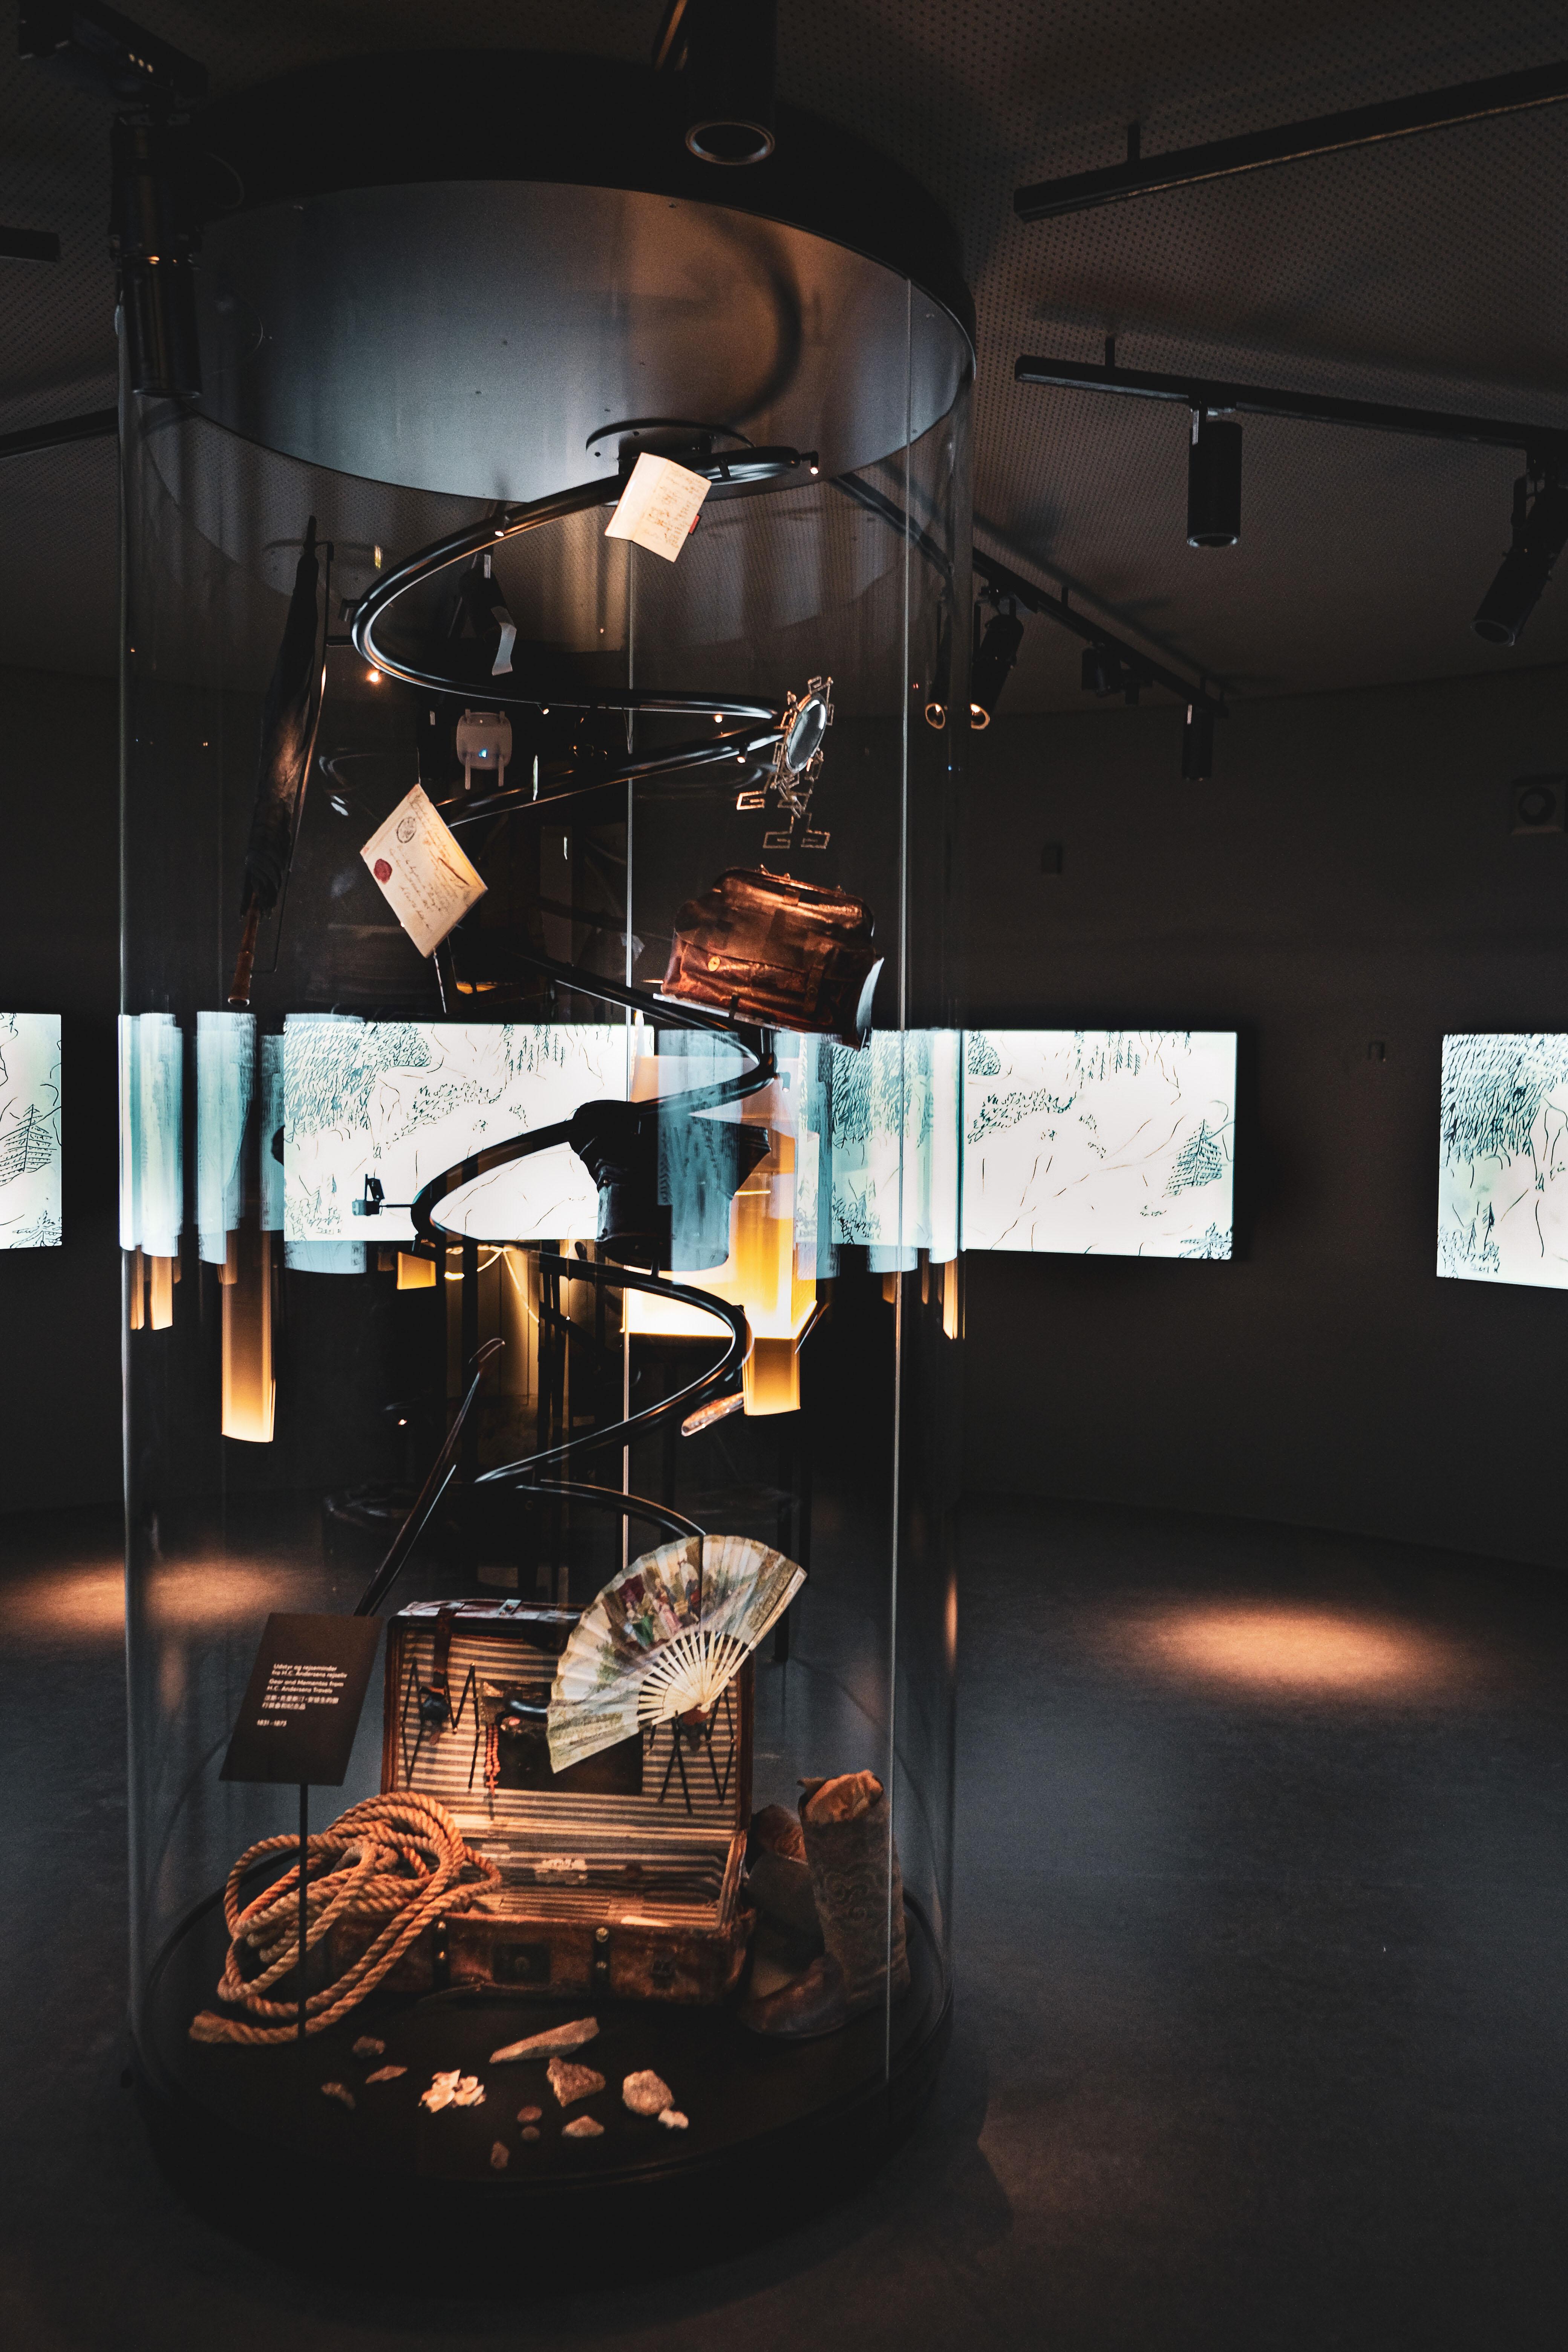 Exhibition View, Foto: H.C. Andersen's Hus, Odense Bys Museer, Laerke Beck Johansen